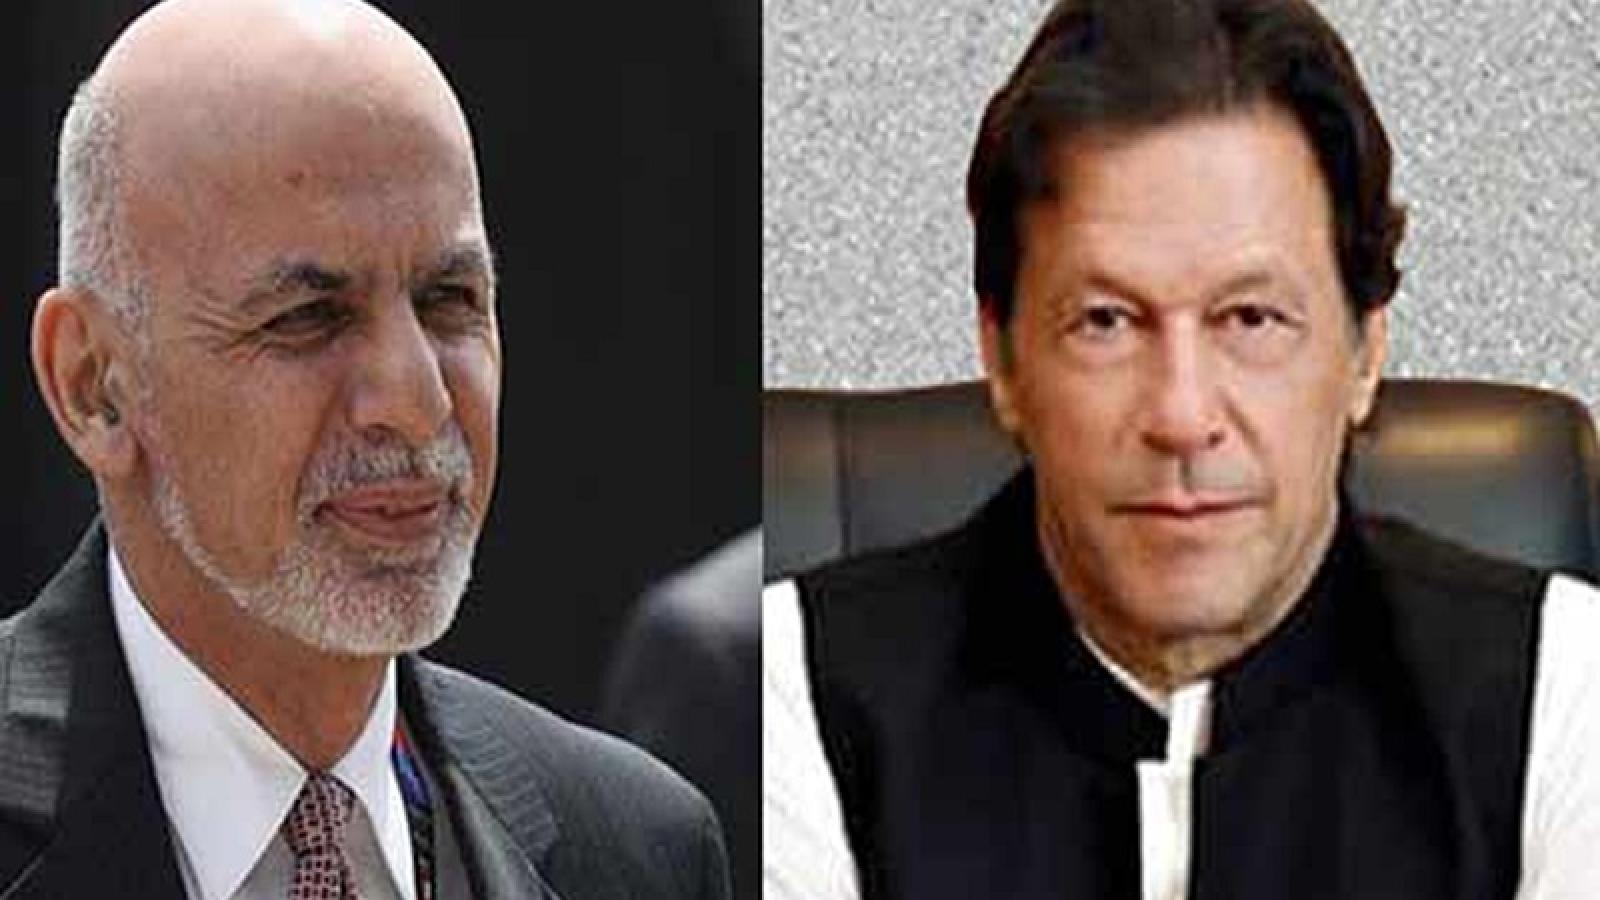 Lãnh đạo Afghanistan chỉ trích lãnh đạo Pakistan đã hậu thuẫn Taliban